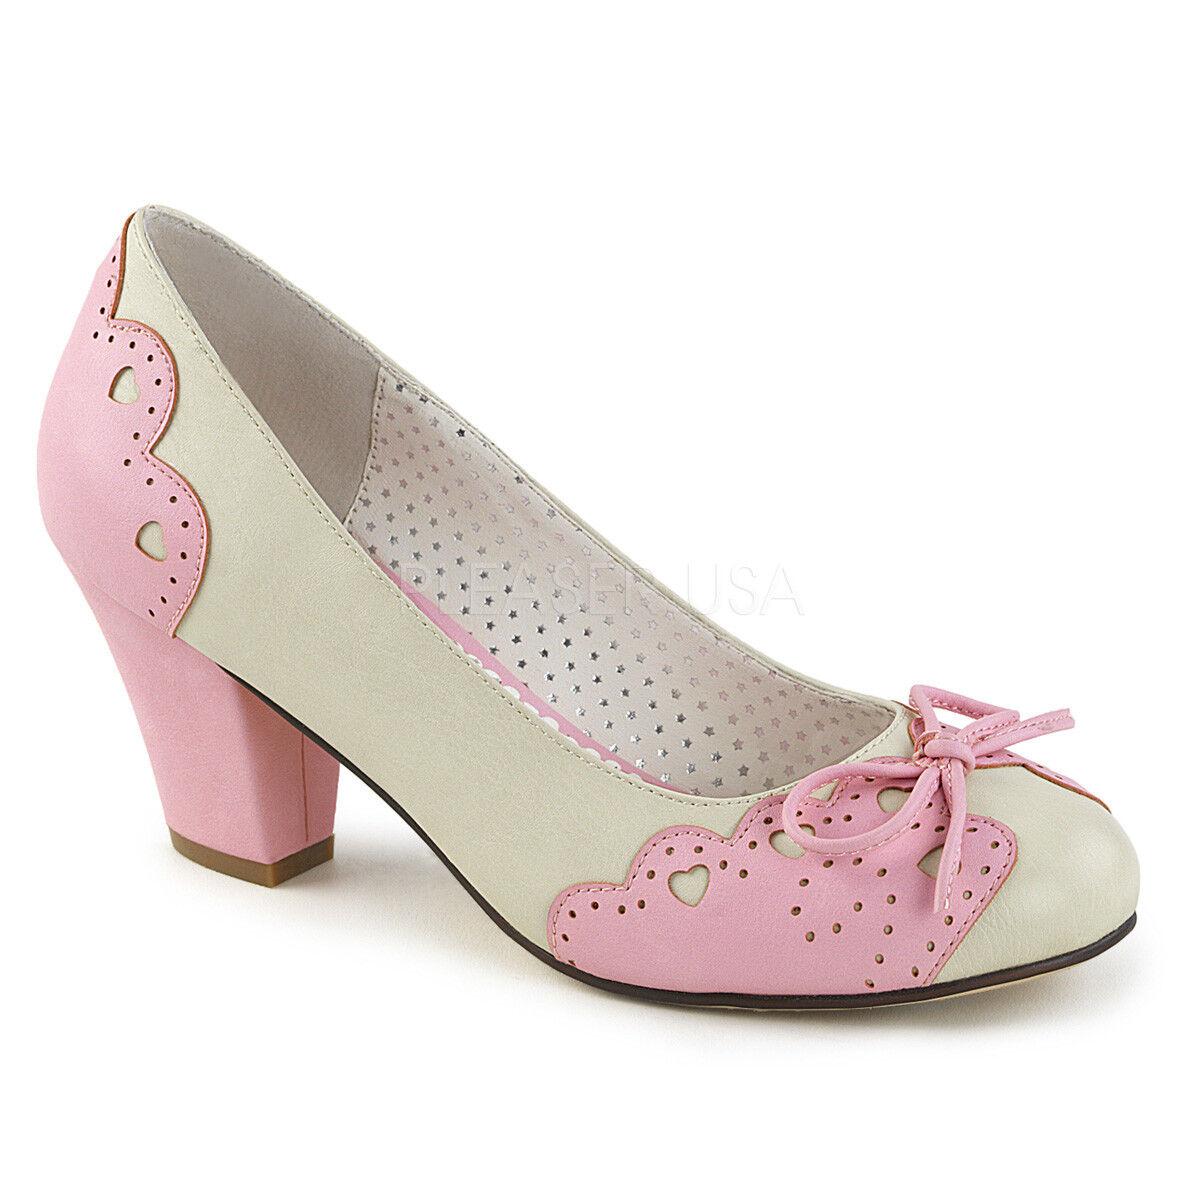 des pin - up couture wiggle-17 faux cuir talon crème rose moyen des pompes à talon cuir 842b60